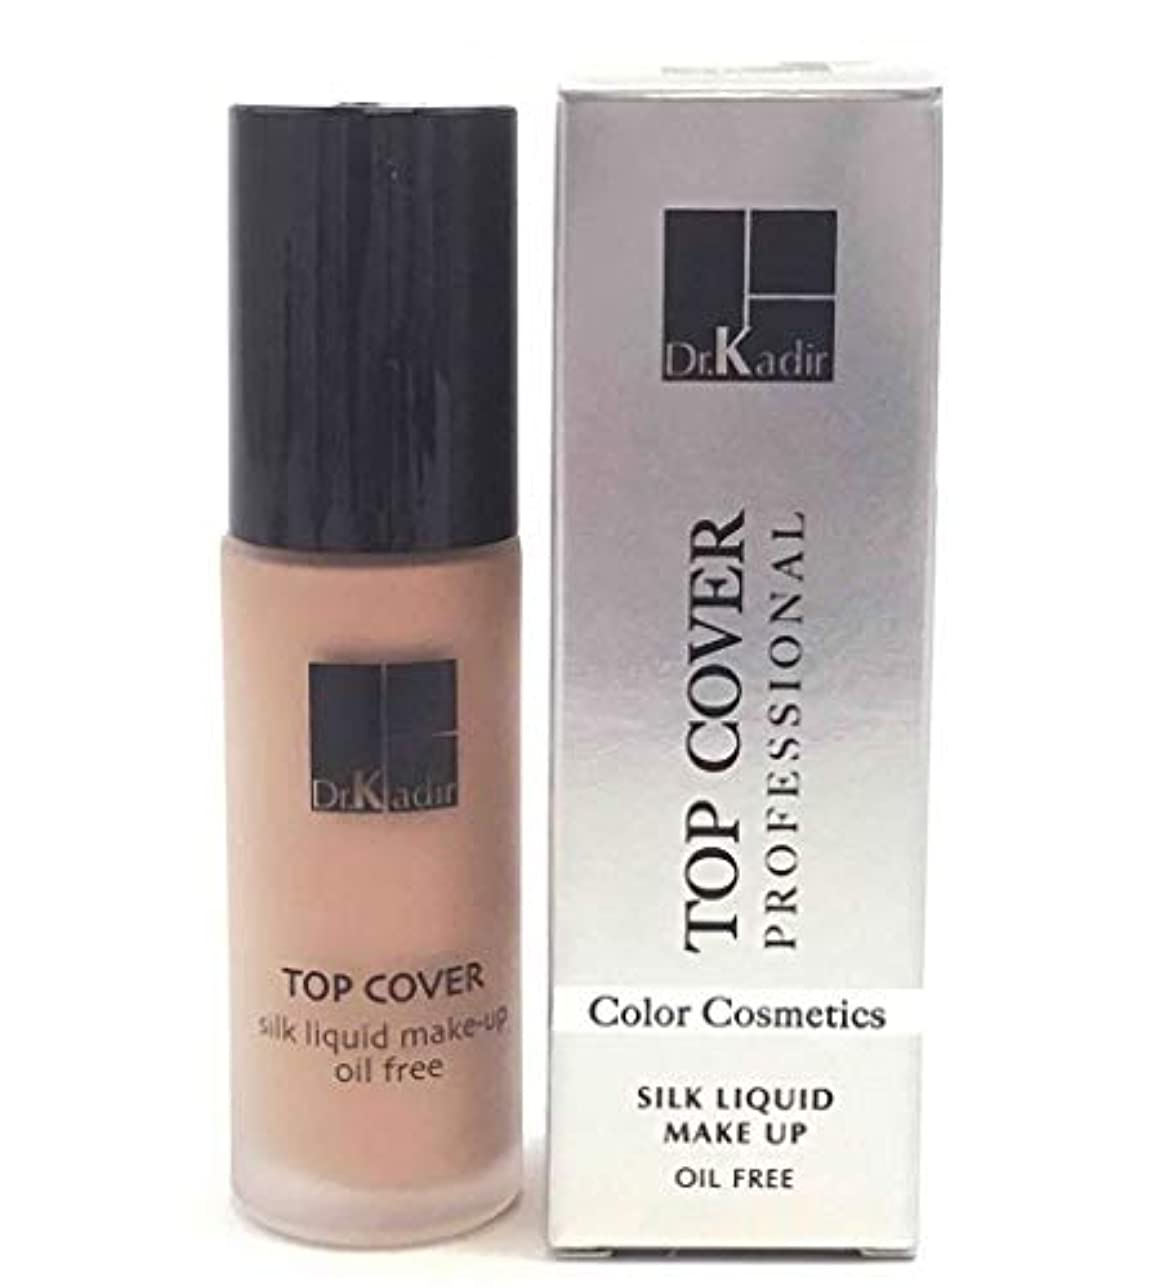 スポーツの試合を担当している人ドル不格好Dr. Kadir Top Cover Silk Liquid Make Up Oil Free 30ml (shade 1)